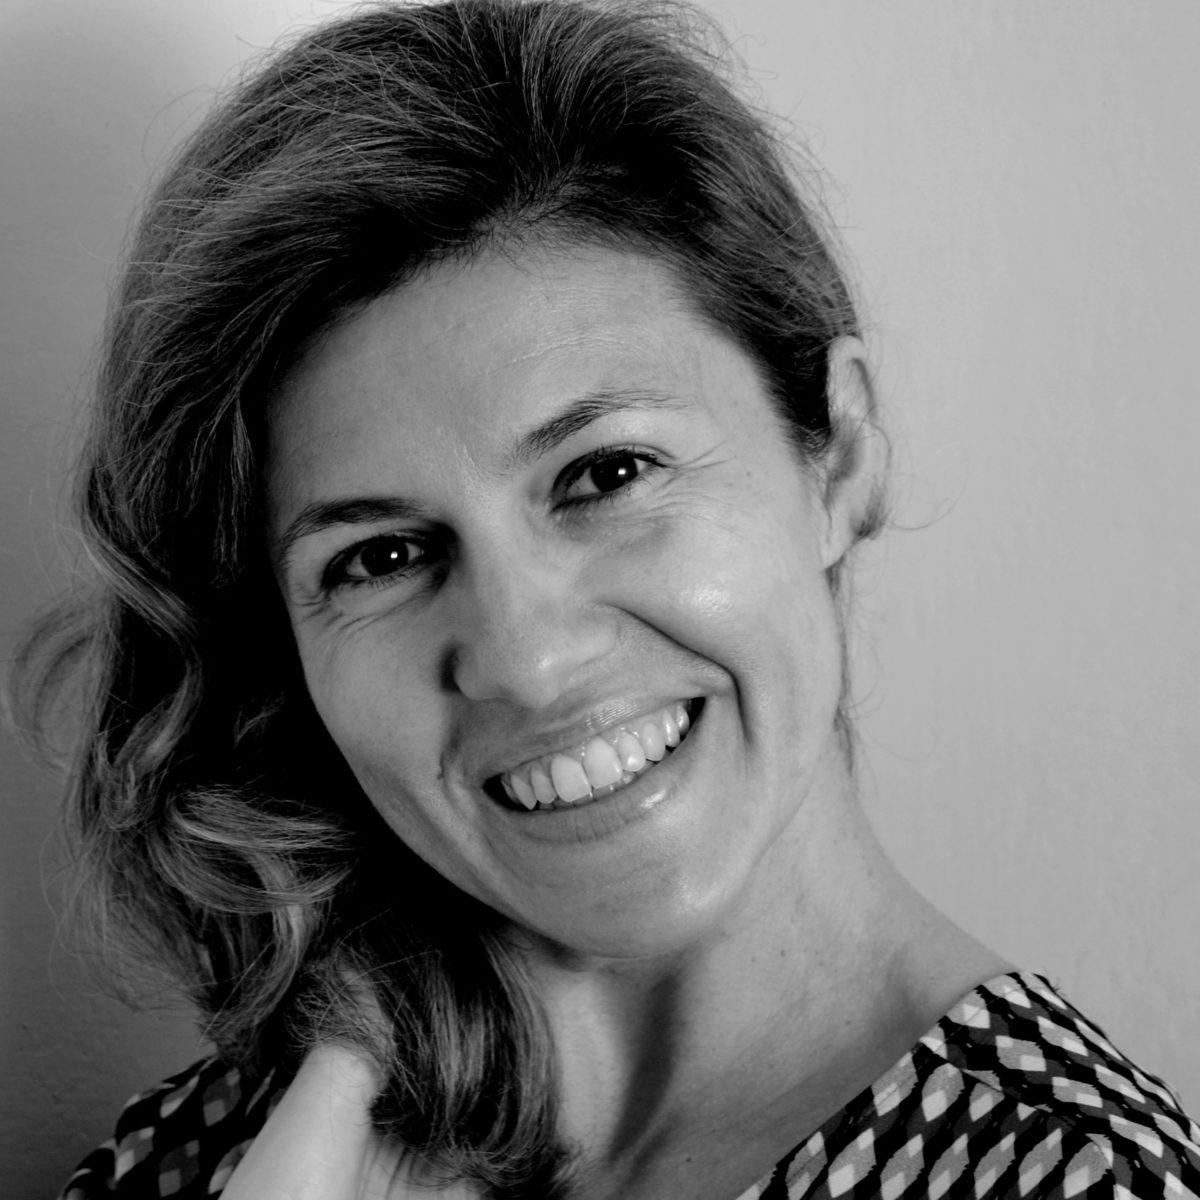 Monica Mugnato